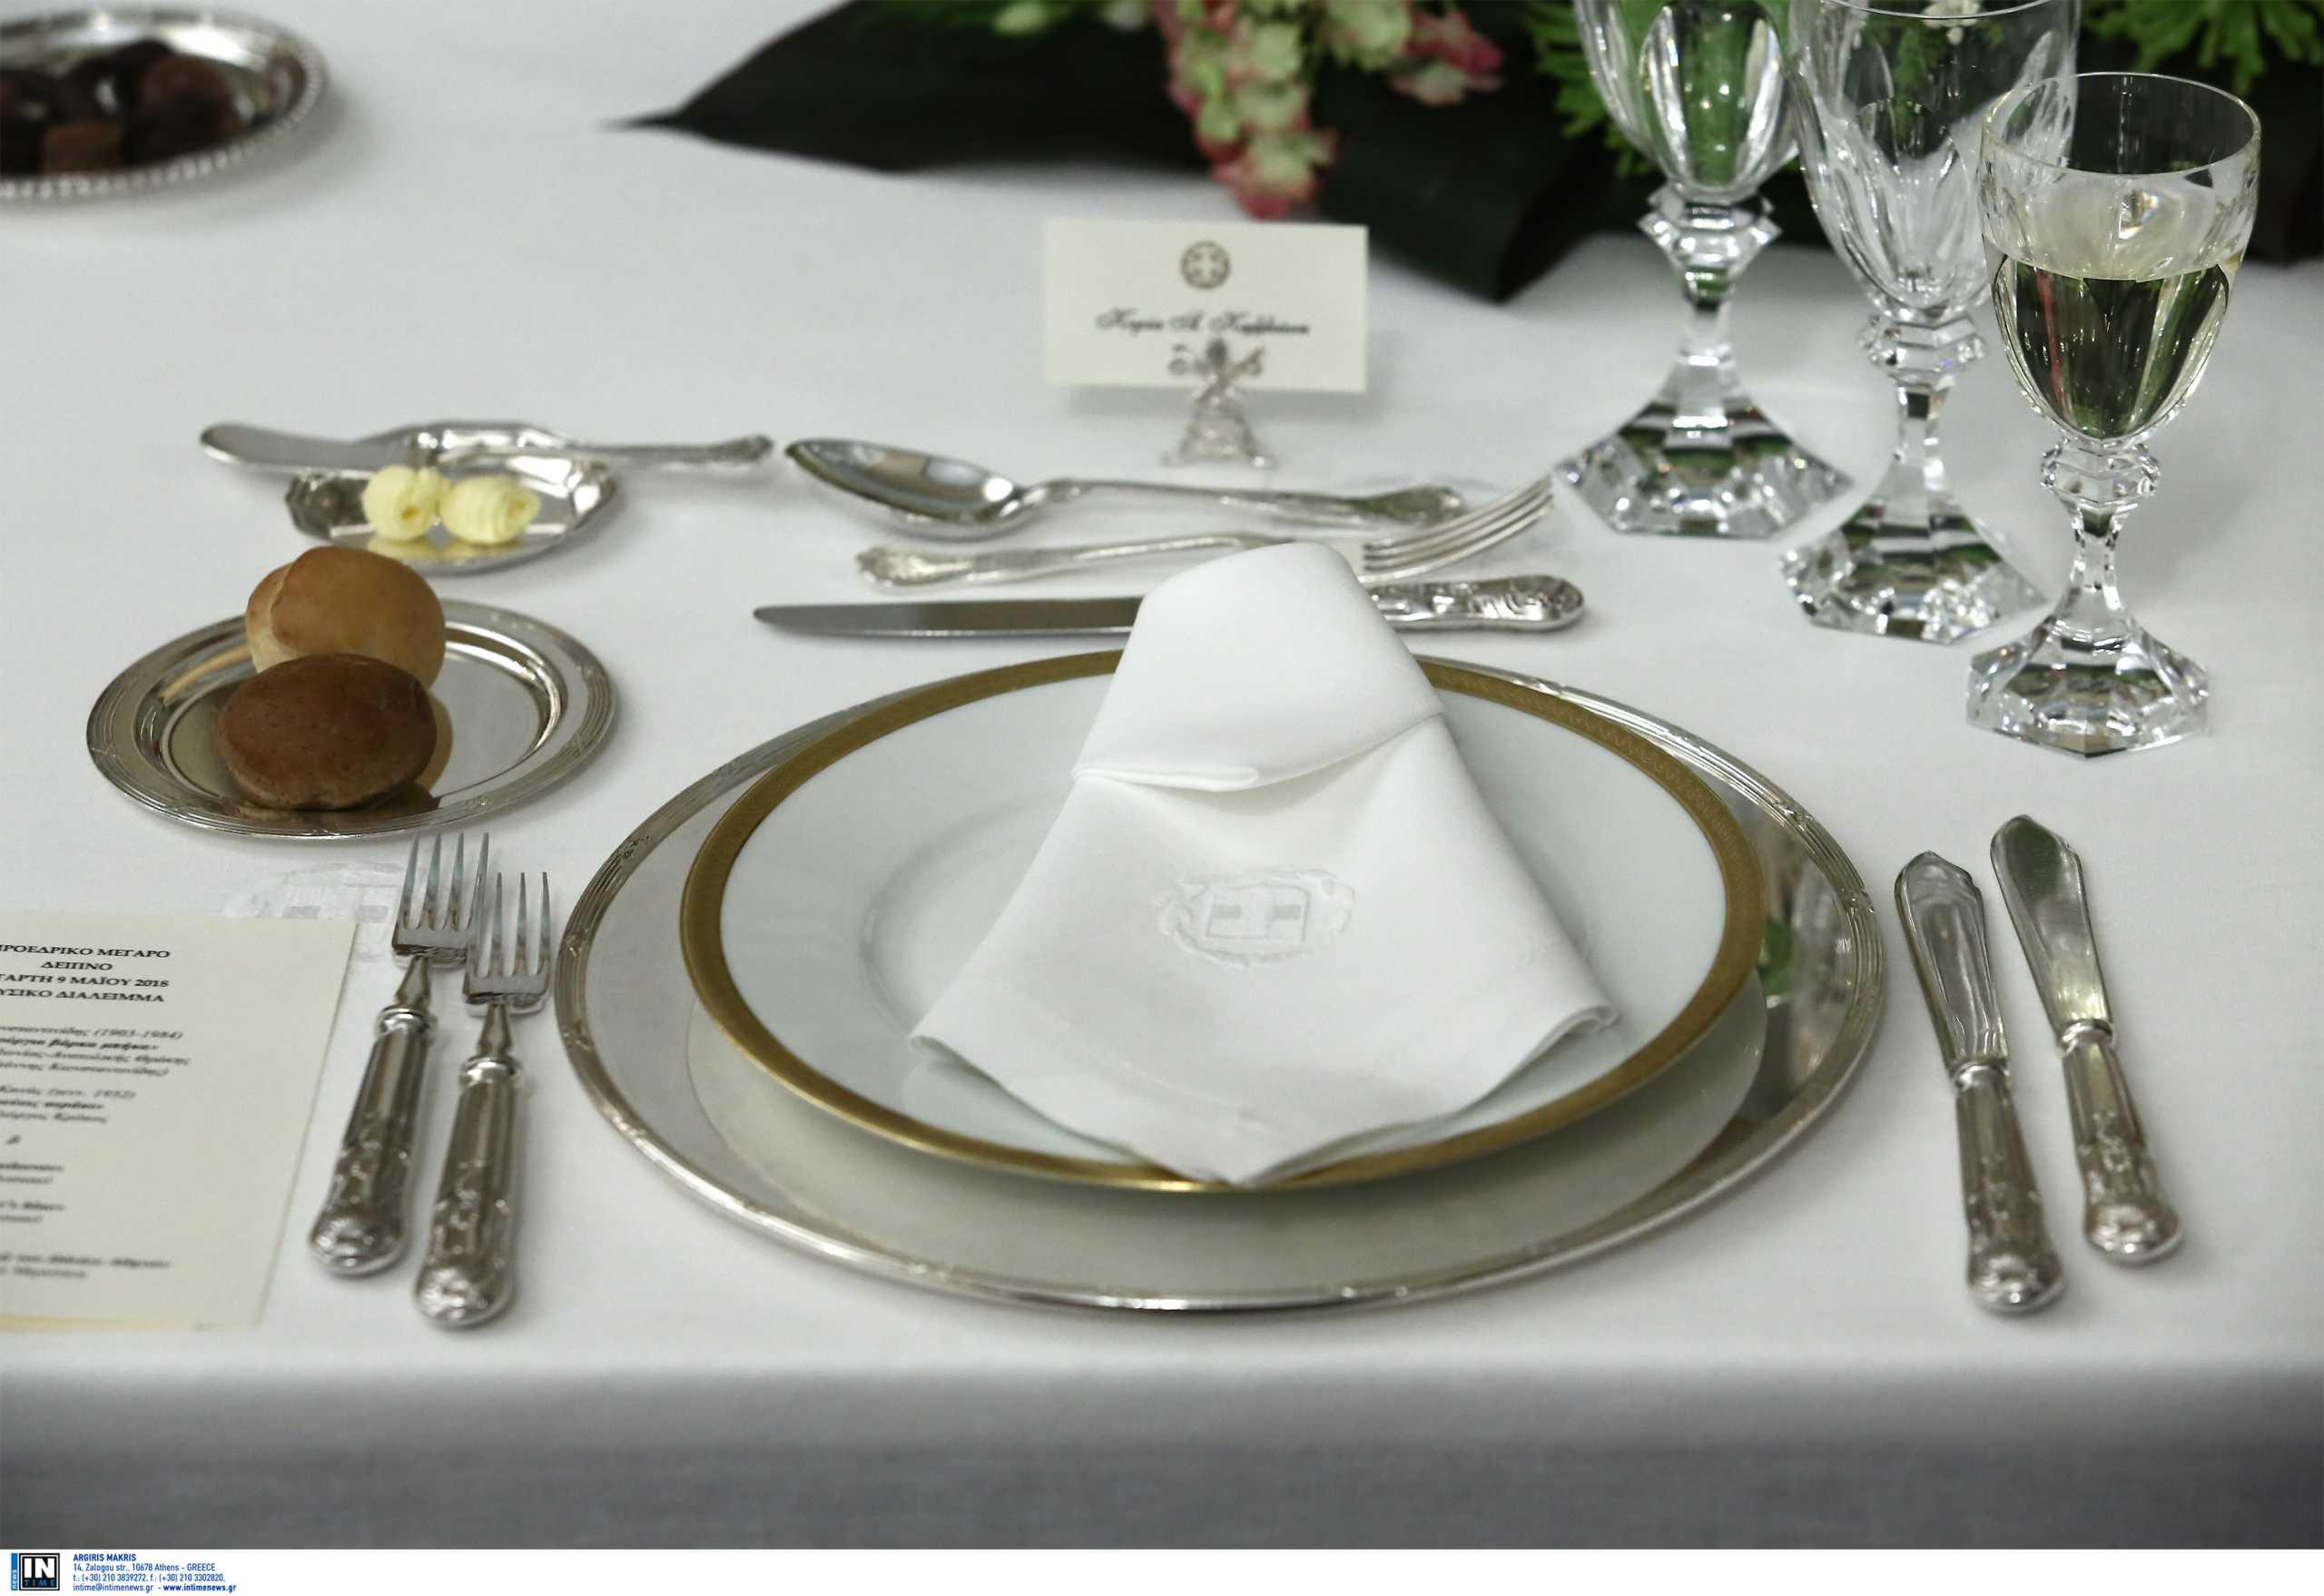 Δείπνο για Βασιλείς στο Προεδρικό στις 24 Μαρτίου δια χειρός Λευτέρη Λαζάρου